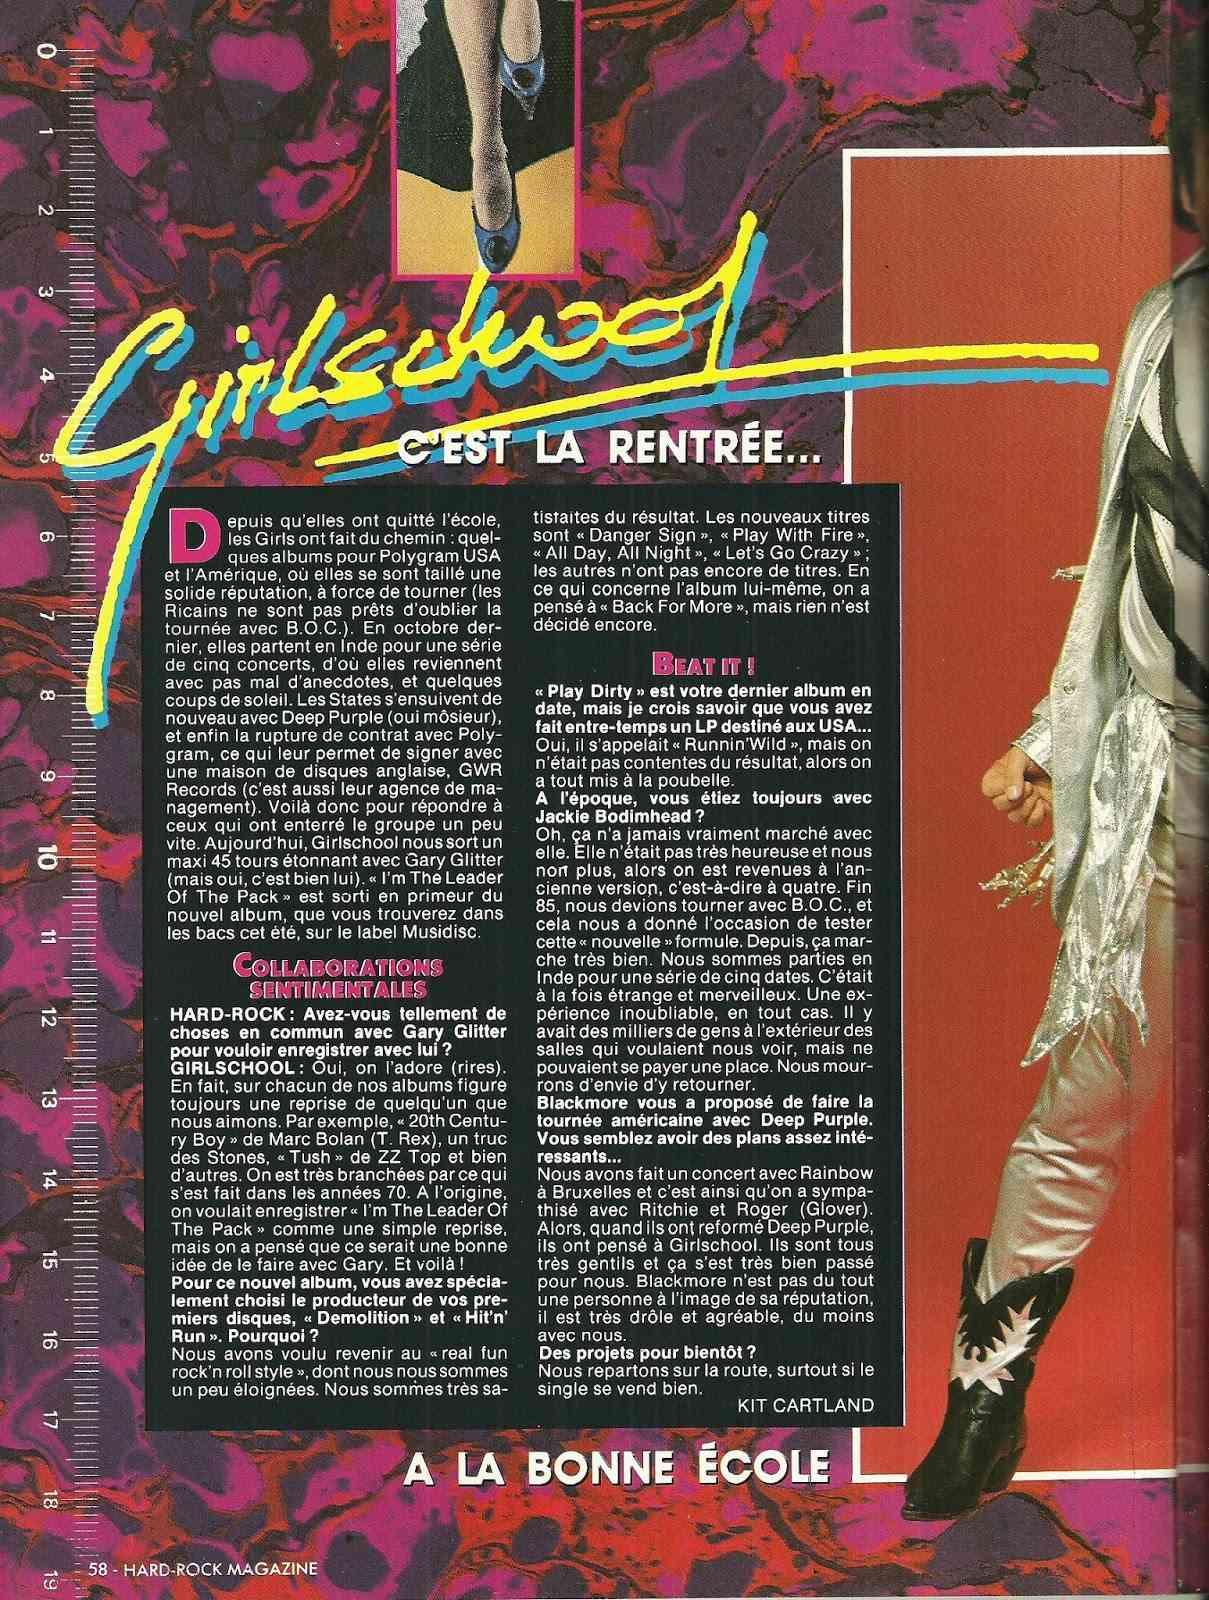 GIRLSCHOOL C'est la rentrée ... (HARD ROCK Magazine Juillet/Août 1996) Archive à lire Numyri54